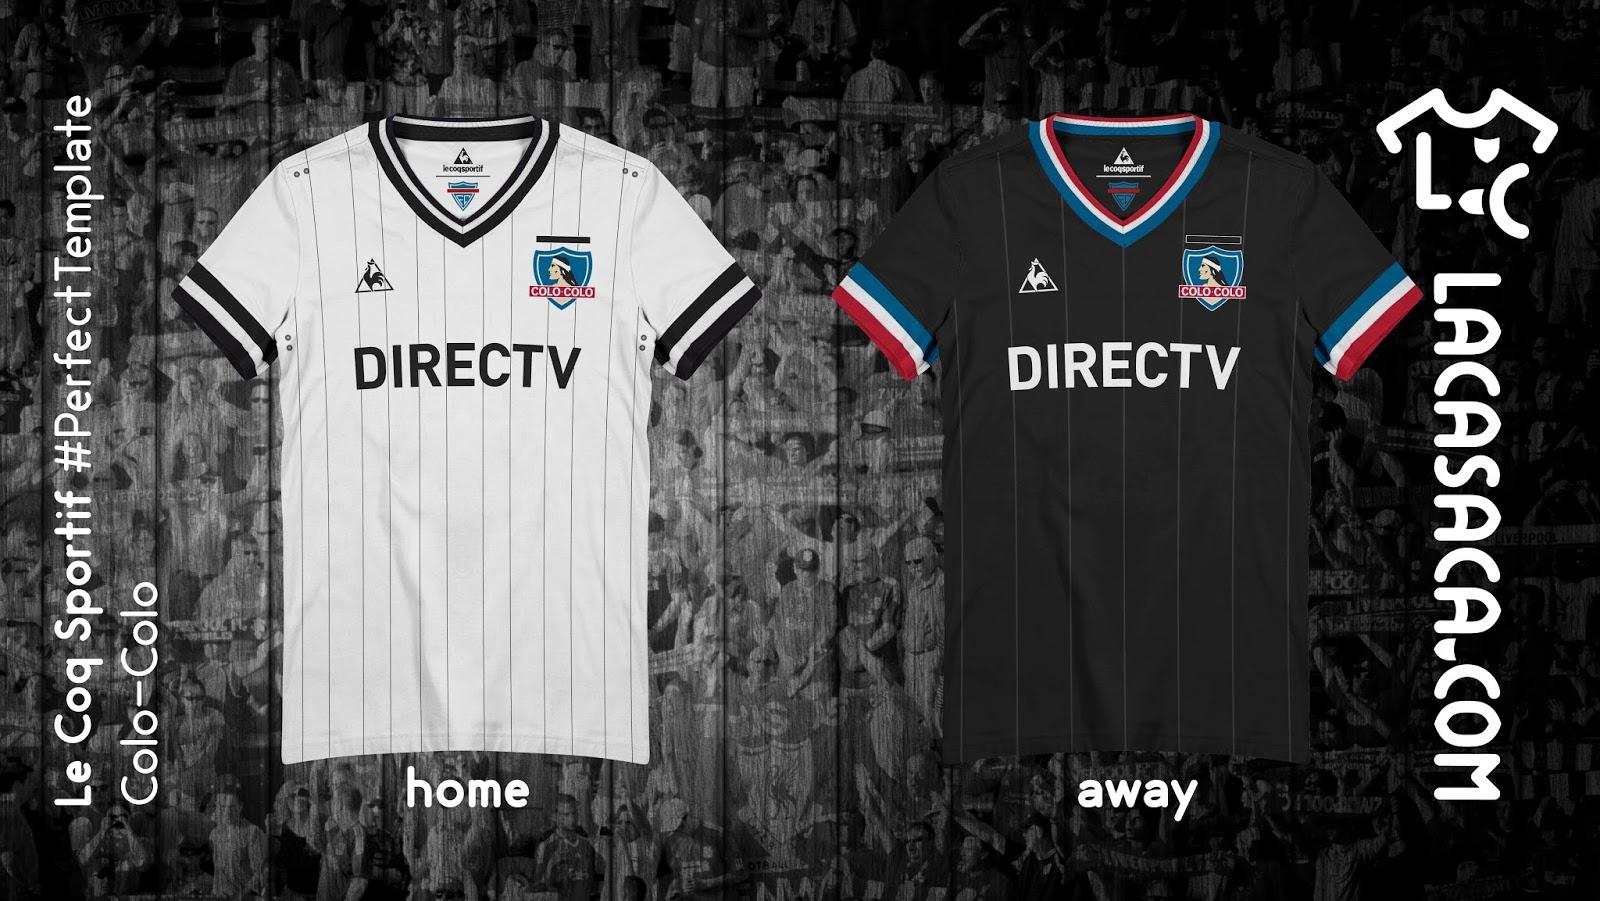 ad26ae8586 Site cria camisas de clubes chilenos inspirados na Le Coq Sportif ...